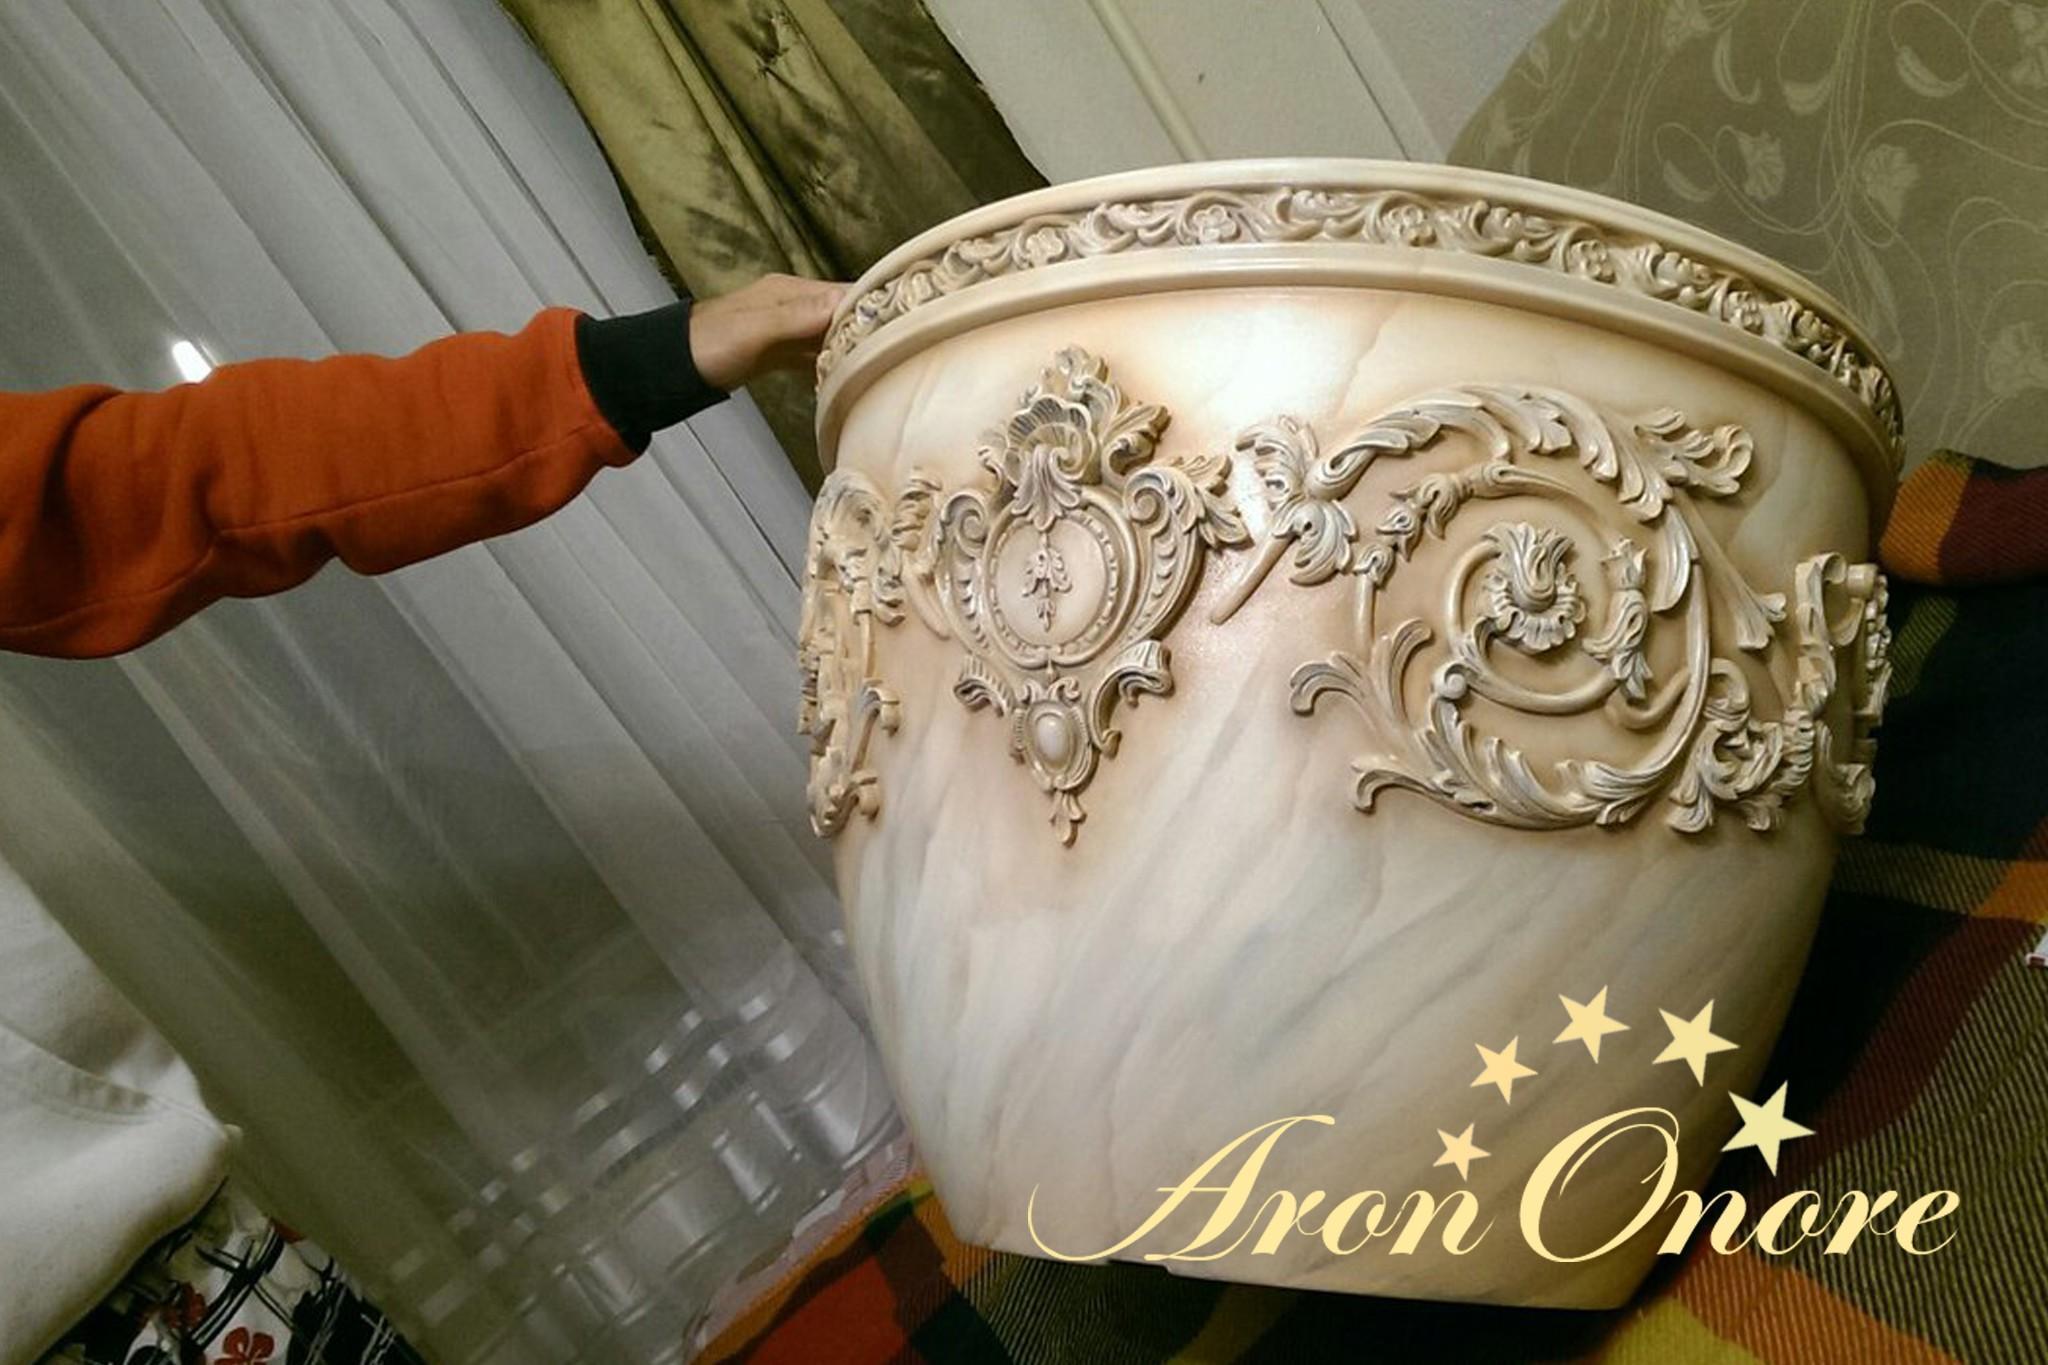 декорирование ваз Арон Оноре